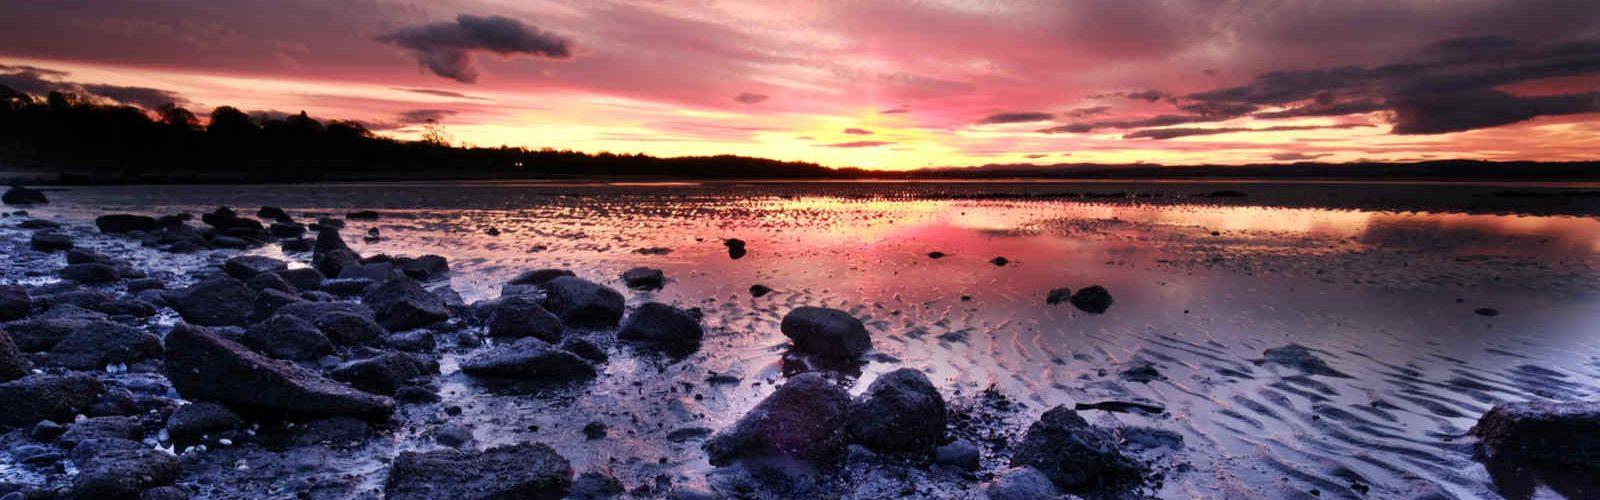 Sun setting on a beach near Edinburgh